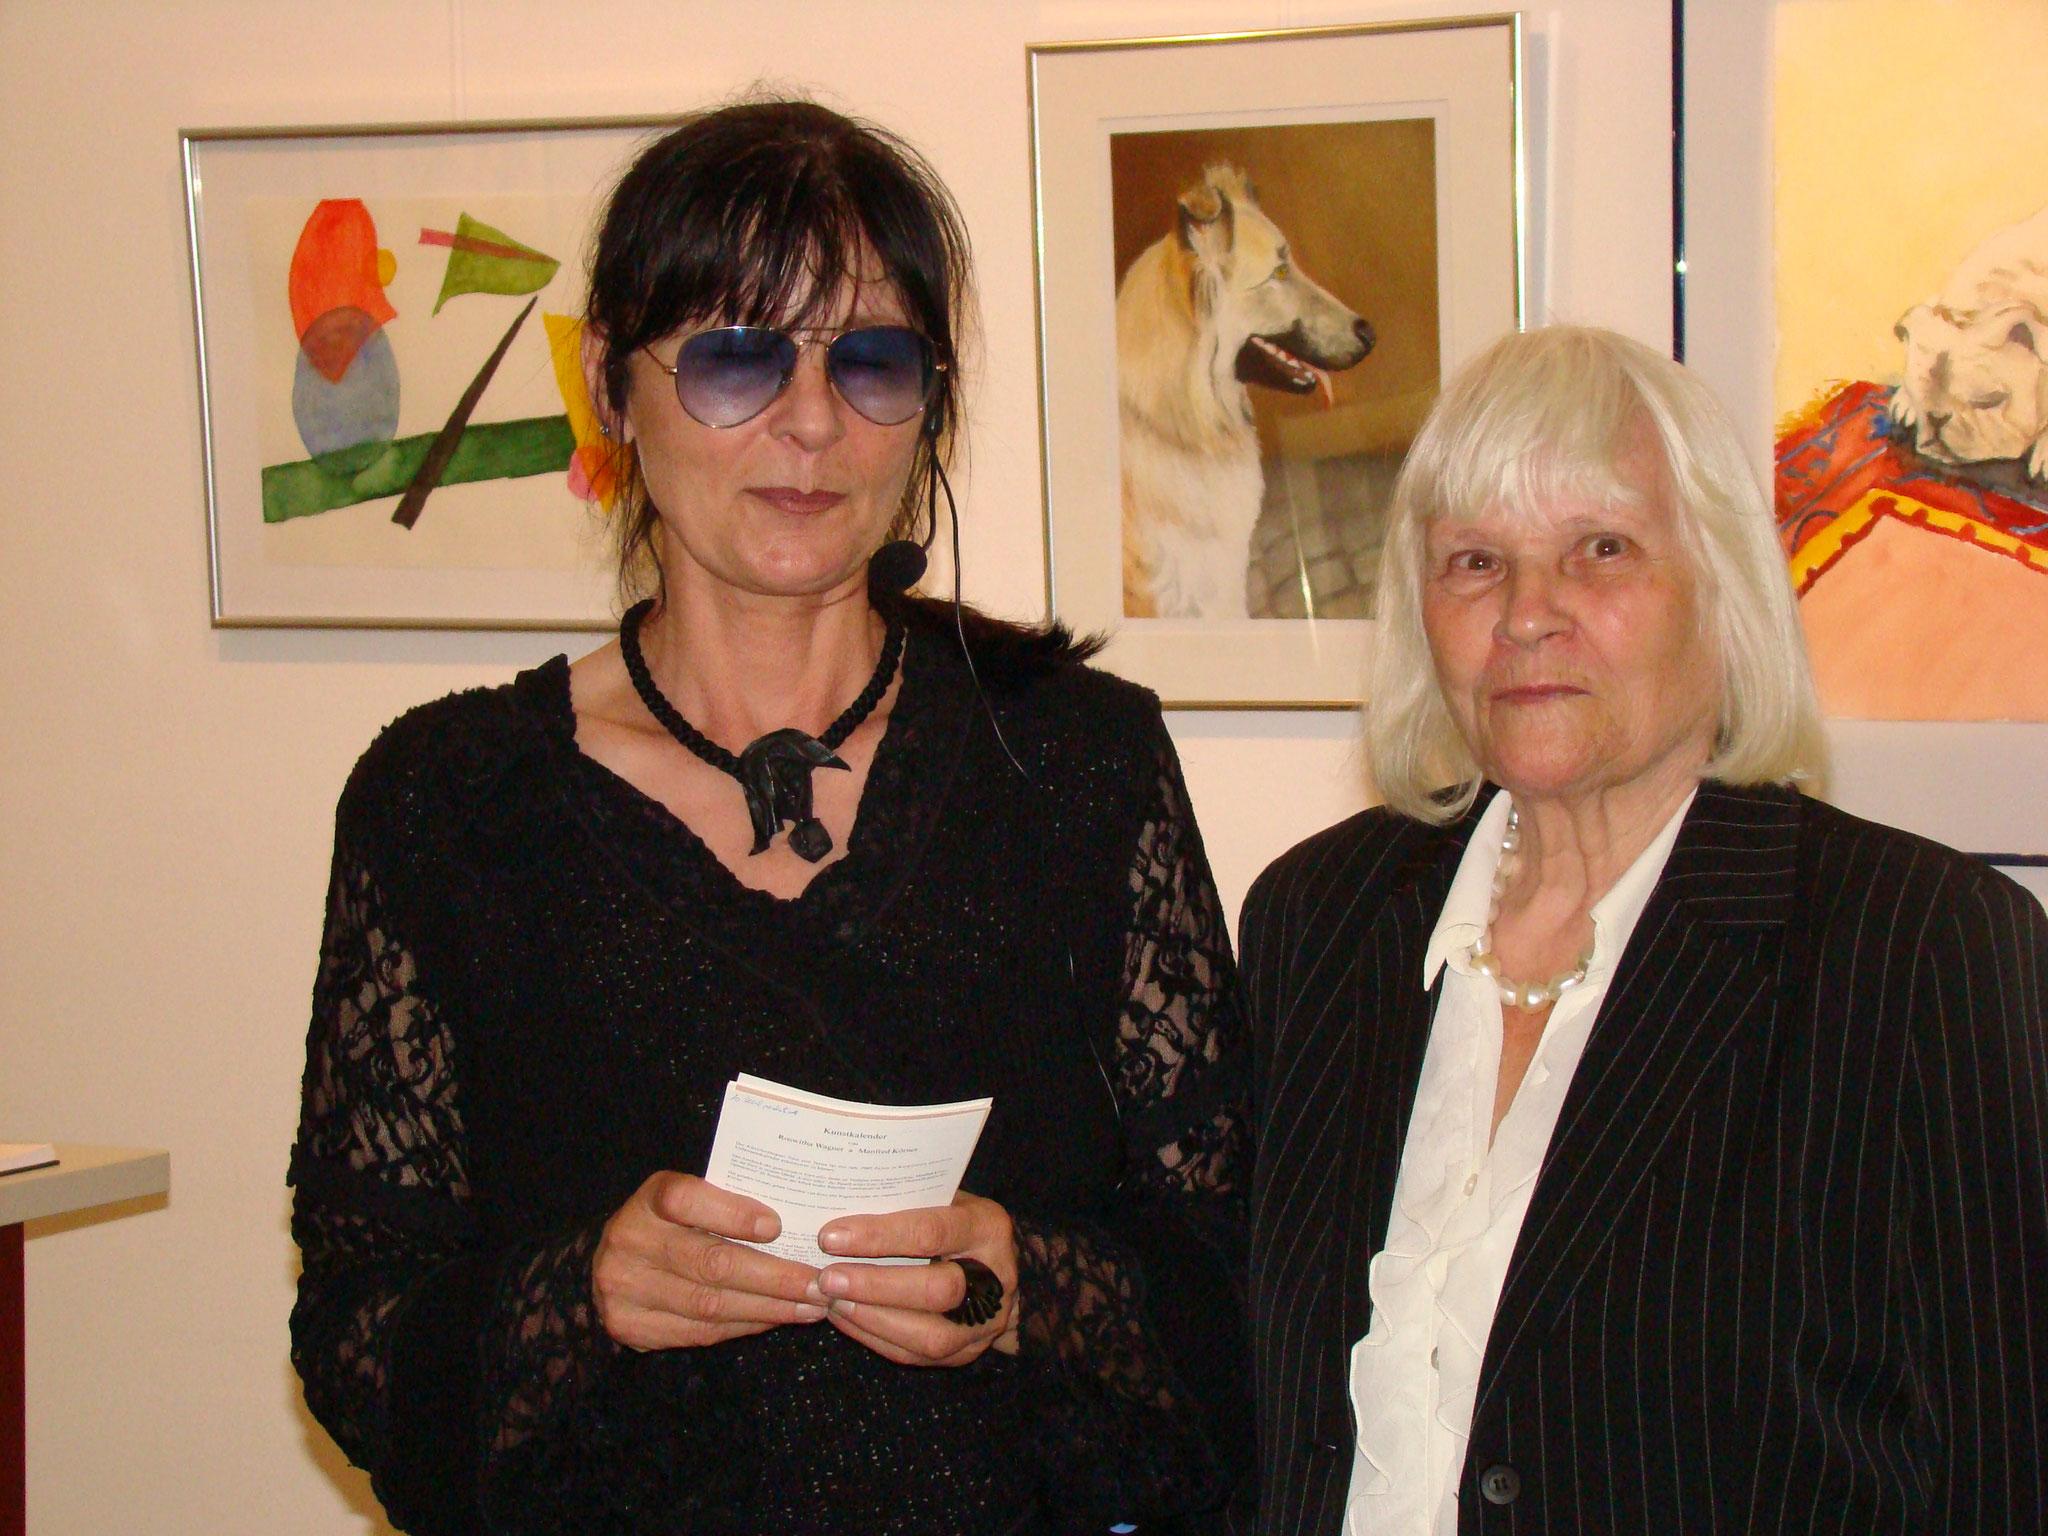 Roswitha Wagner & Thekla Stroschneider